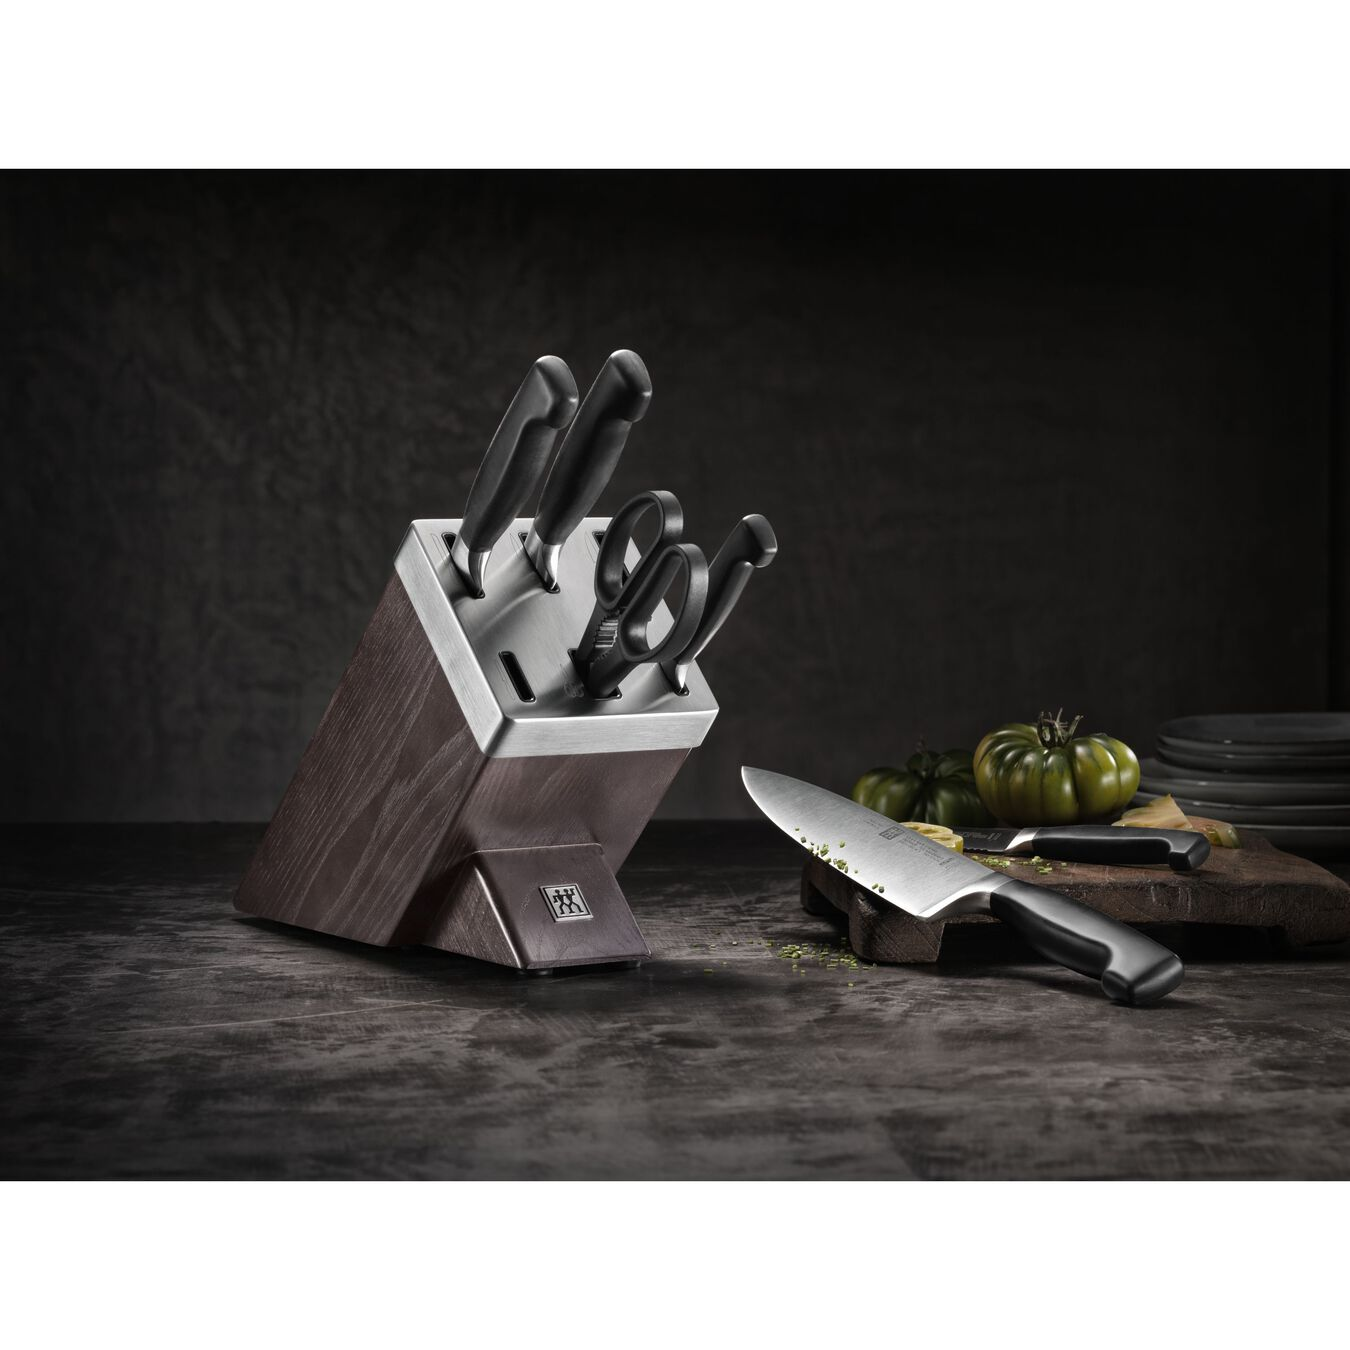 Set di coltelli con ceppo con sistema autoaffilante - 7-pz., bianco,,large 3